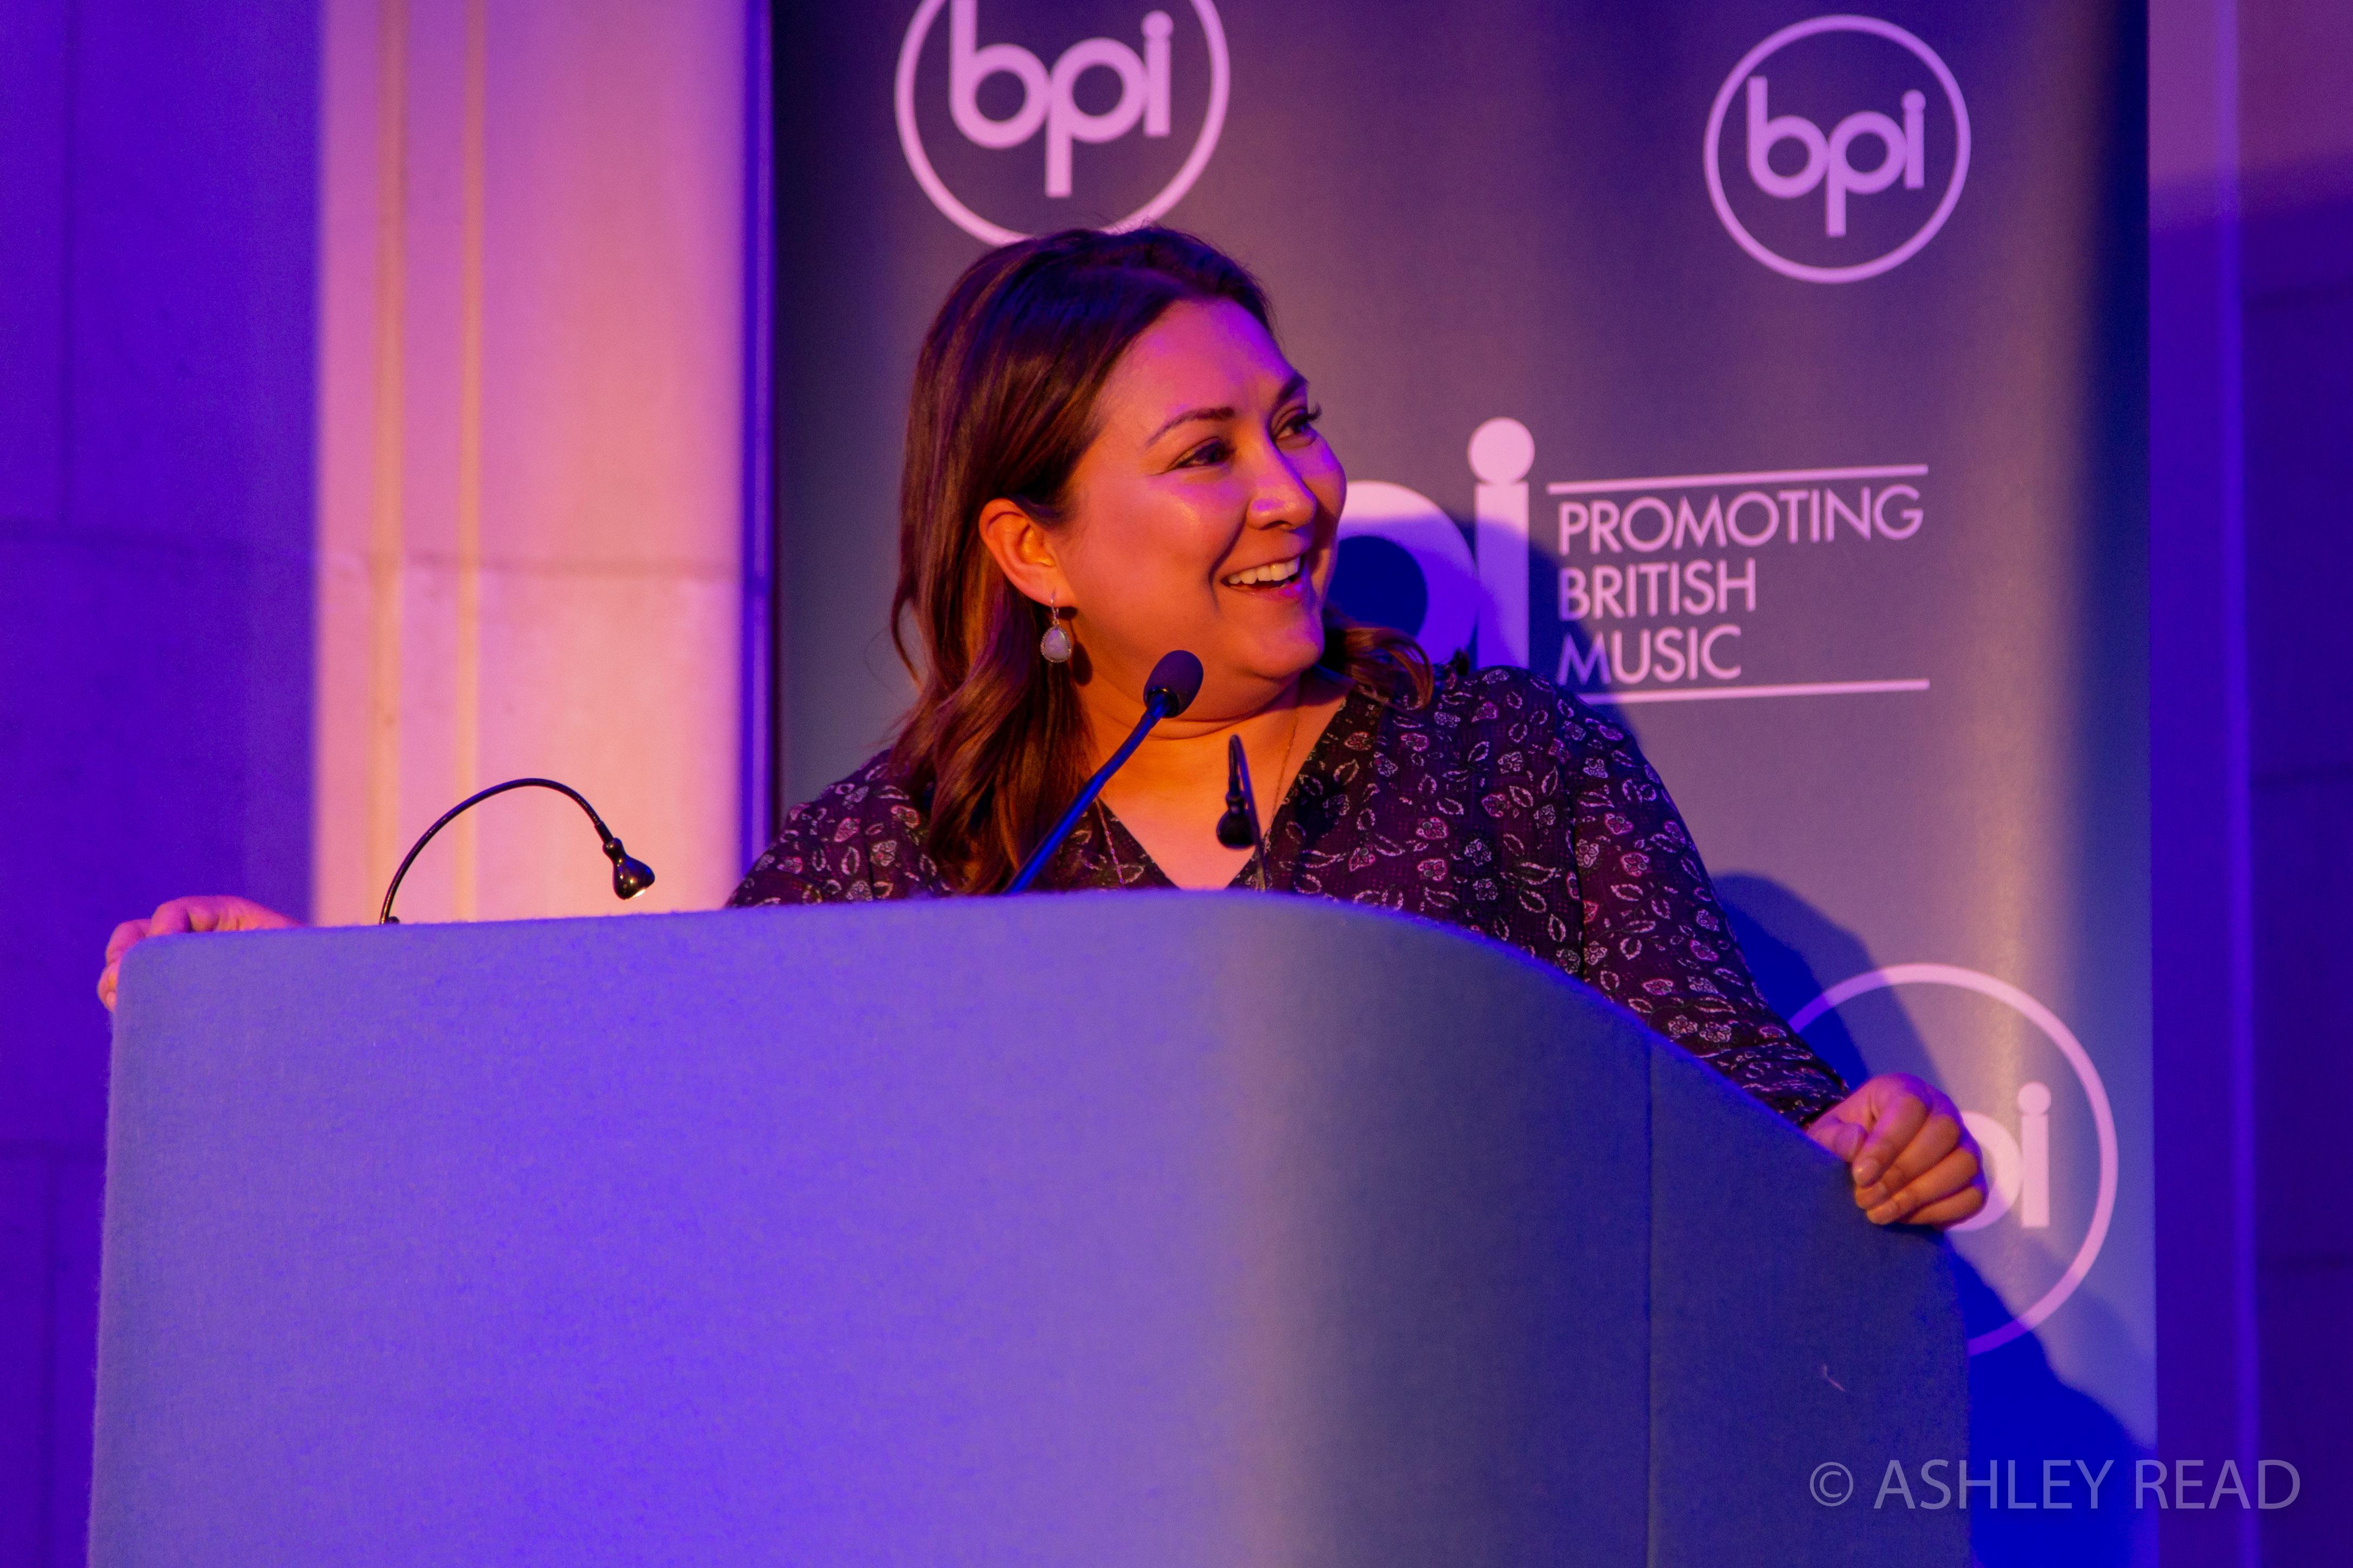 BPI AGM 2018